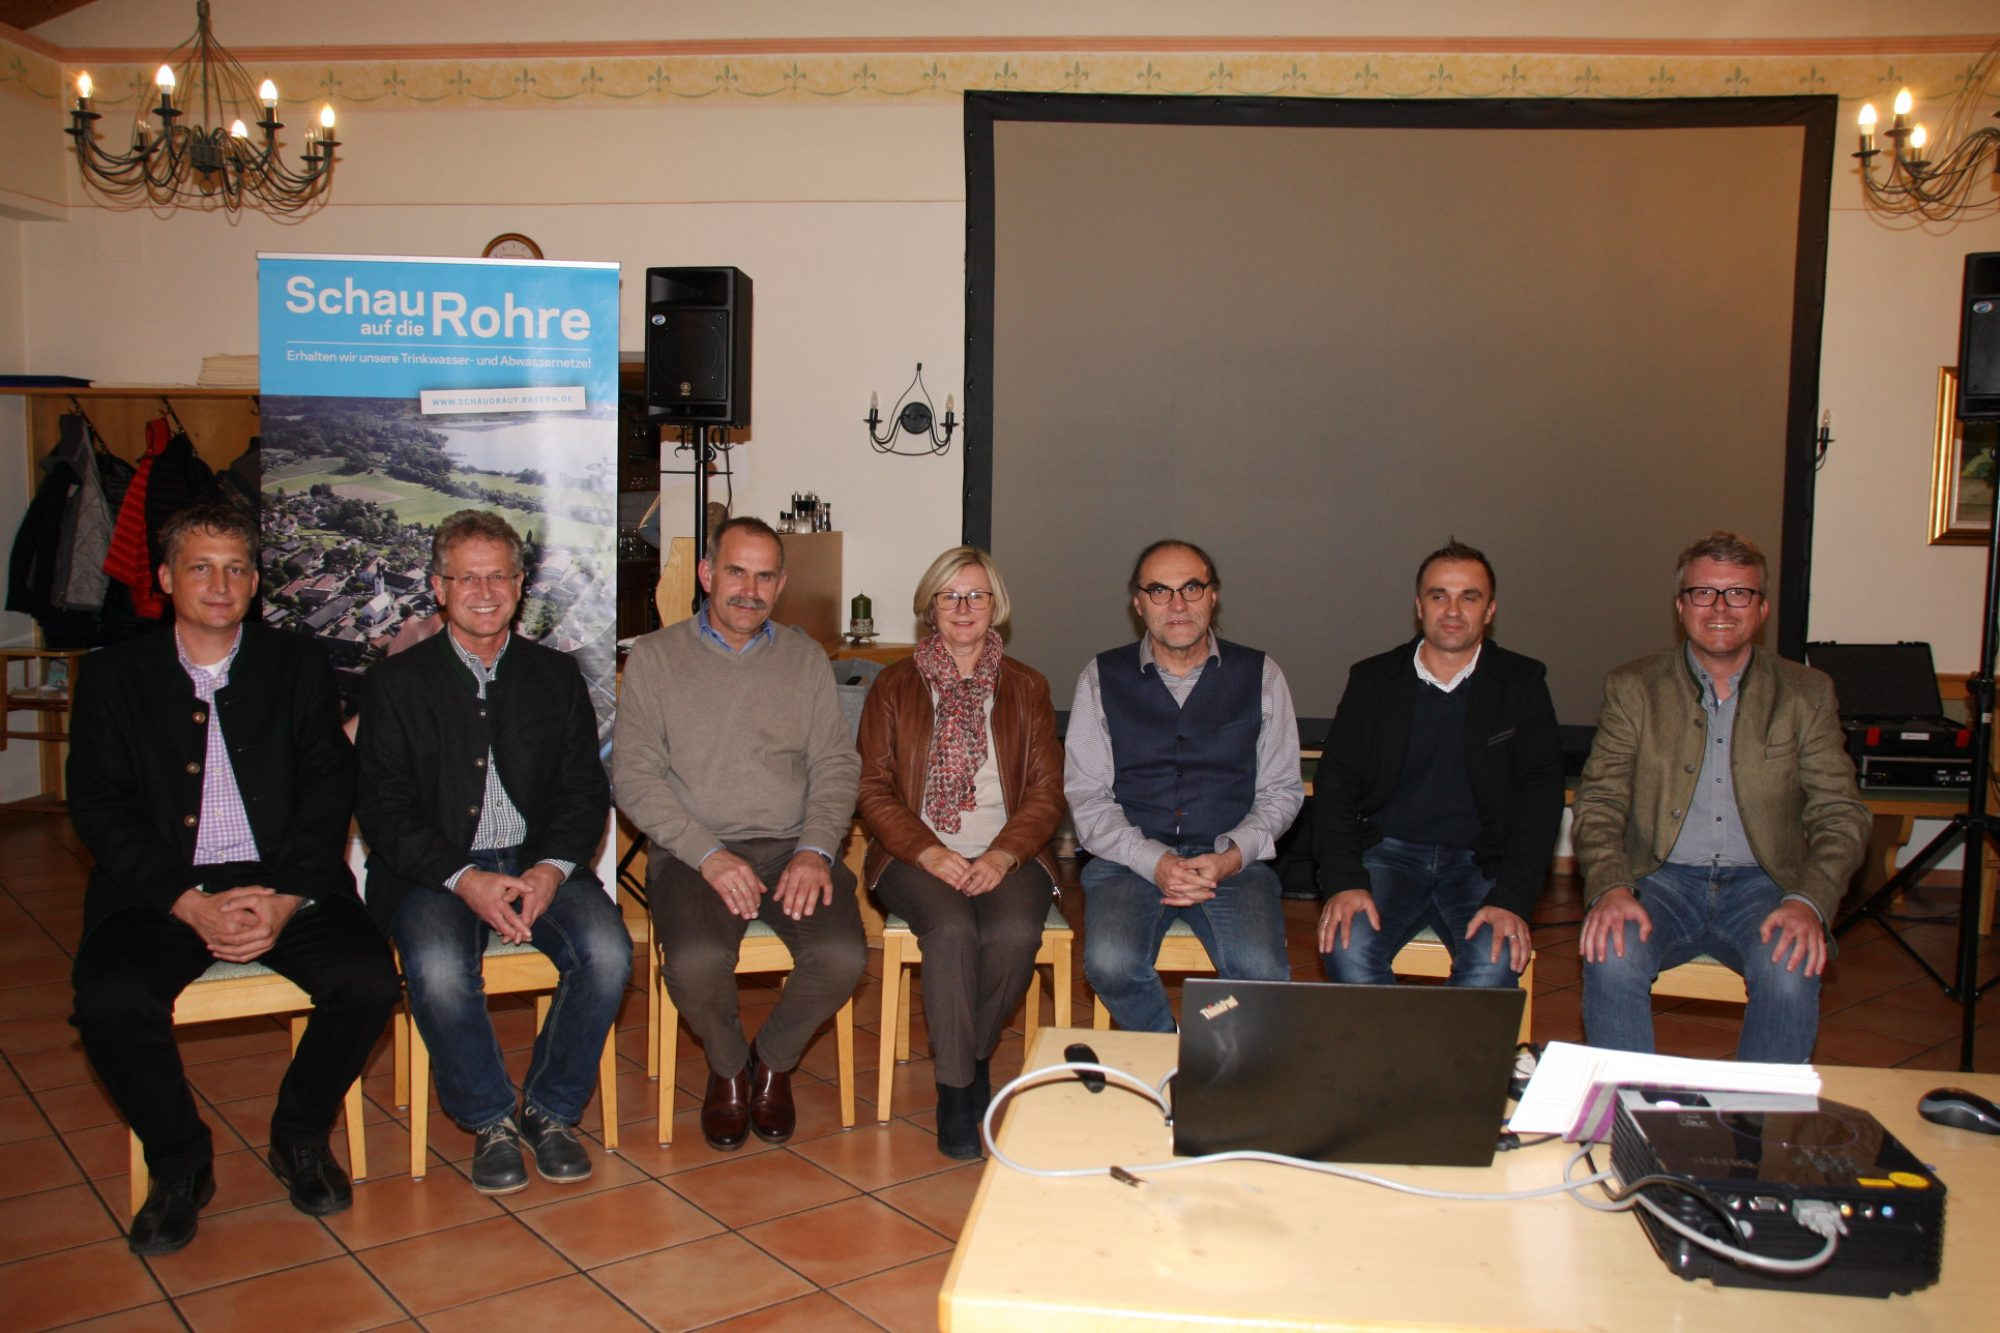 Wasserversorger, Abwasserentsorger und Bürgermeister/innen aus der Region informieren